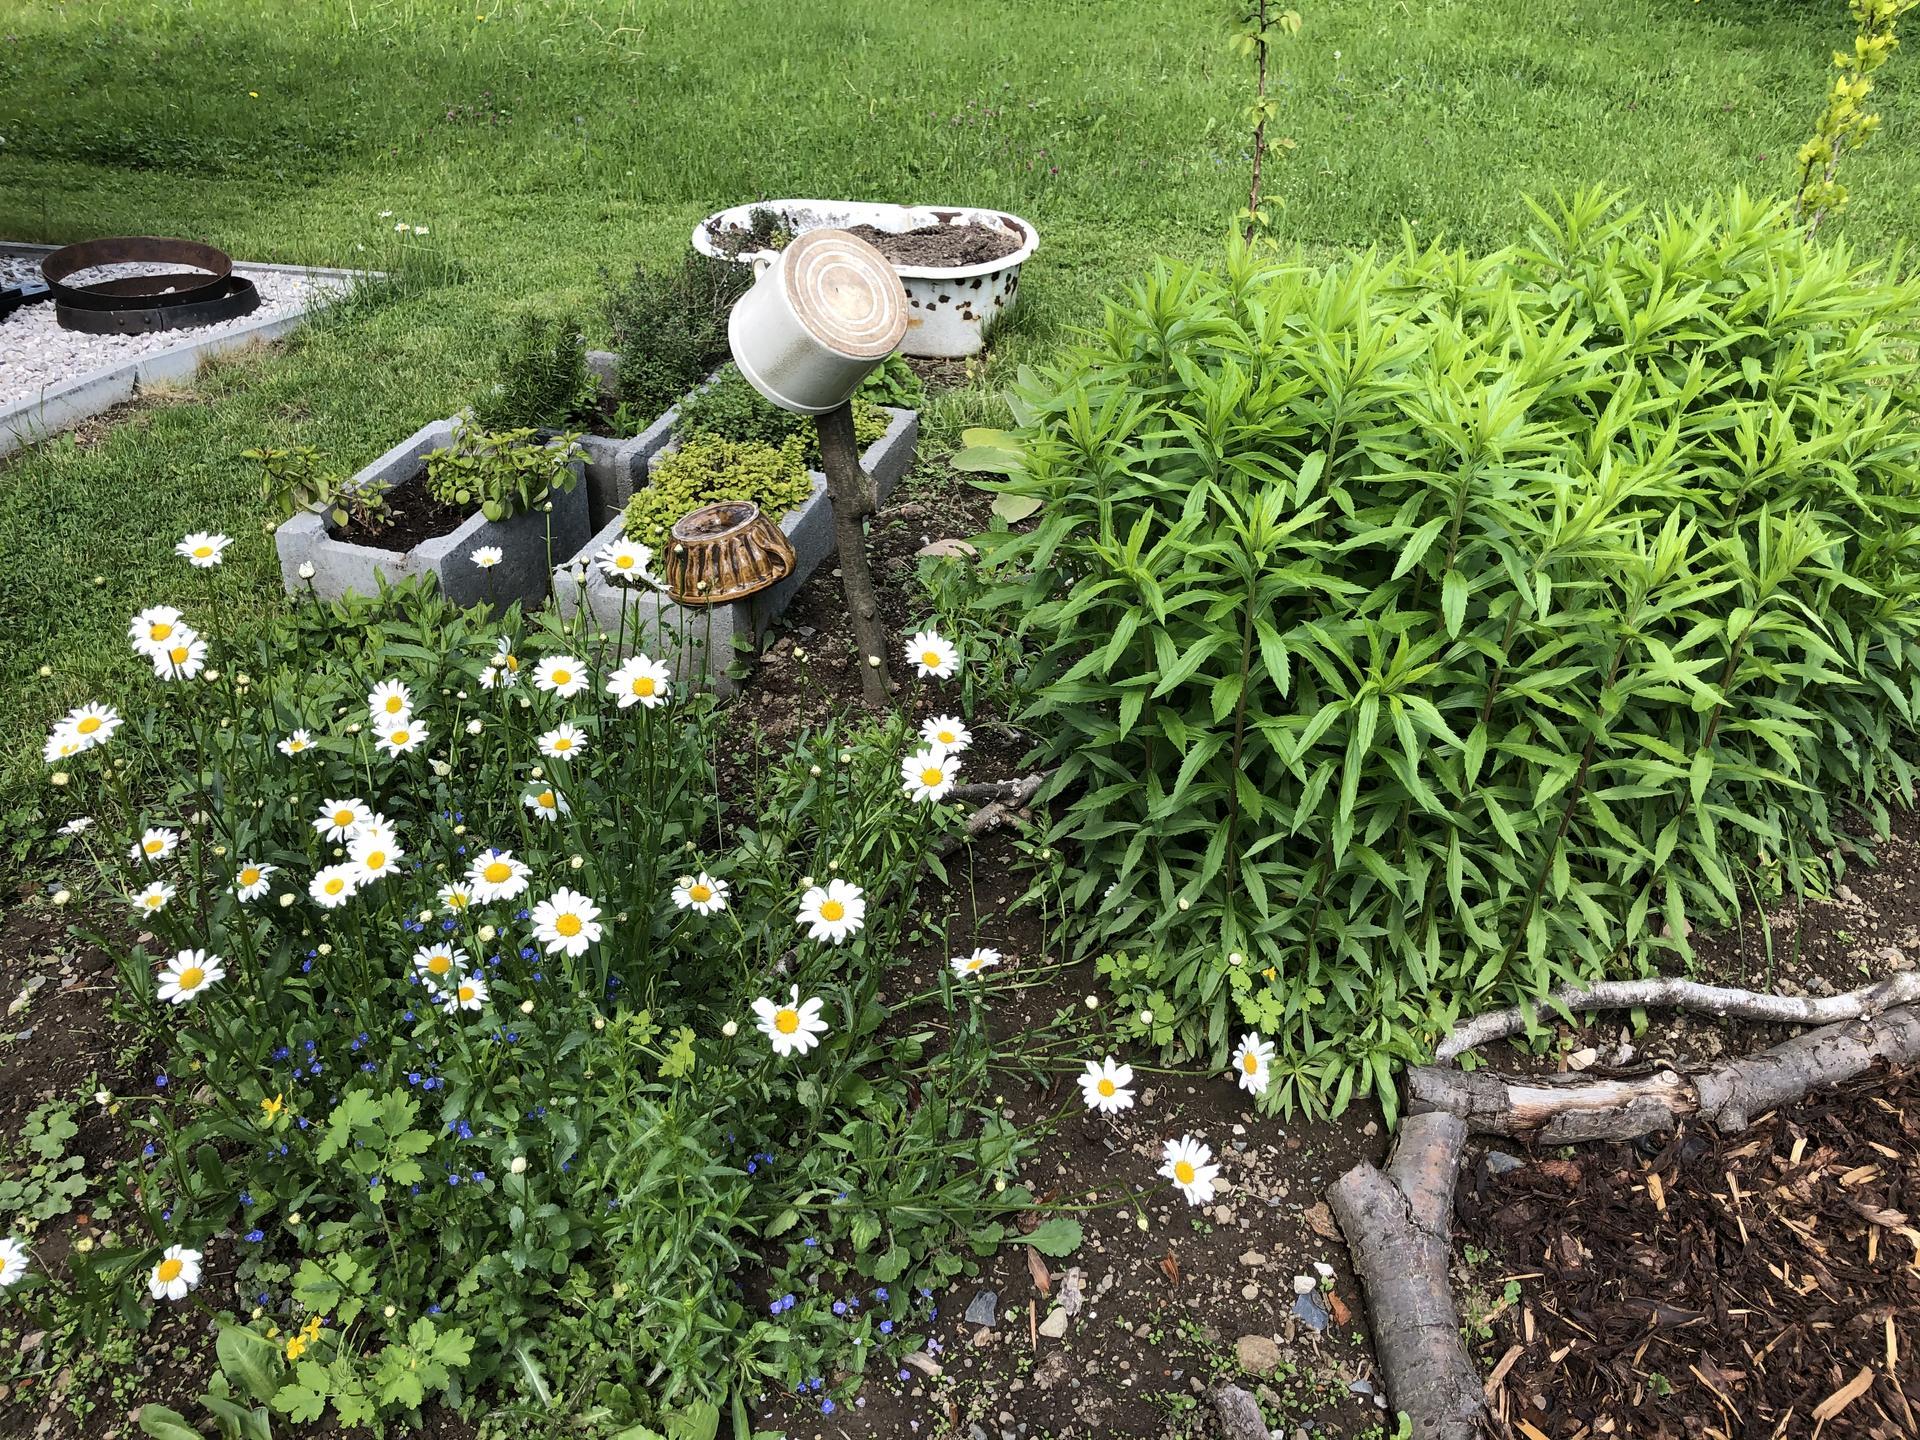 U nás doma a na zahradě 2020 - Obrázek č. 67